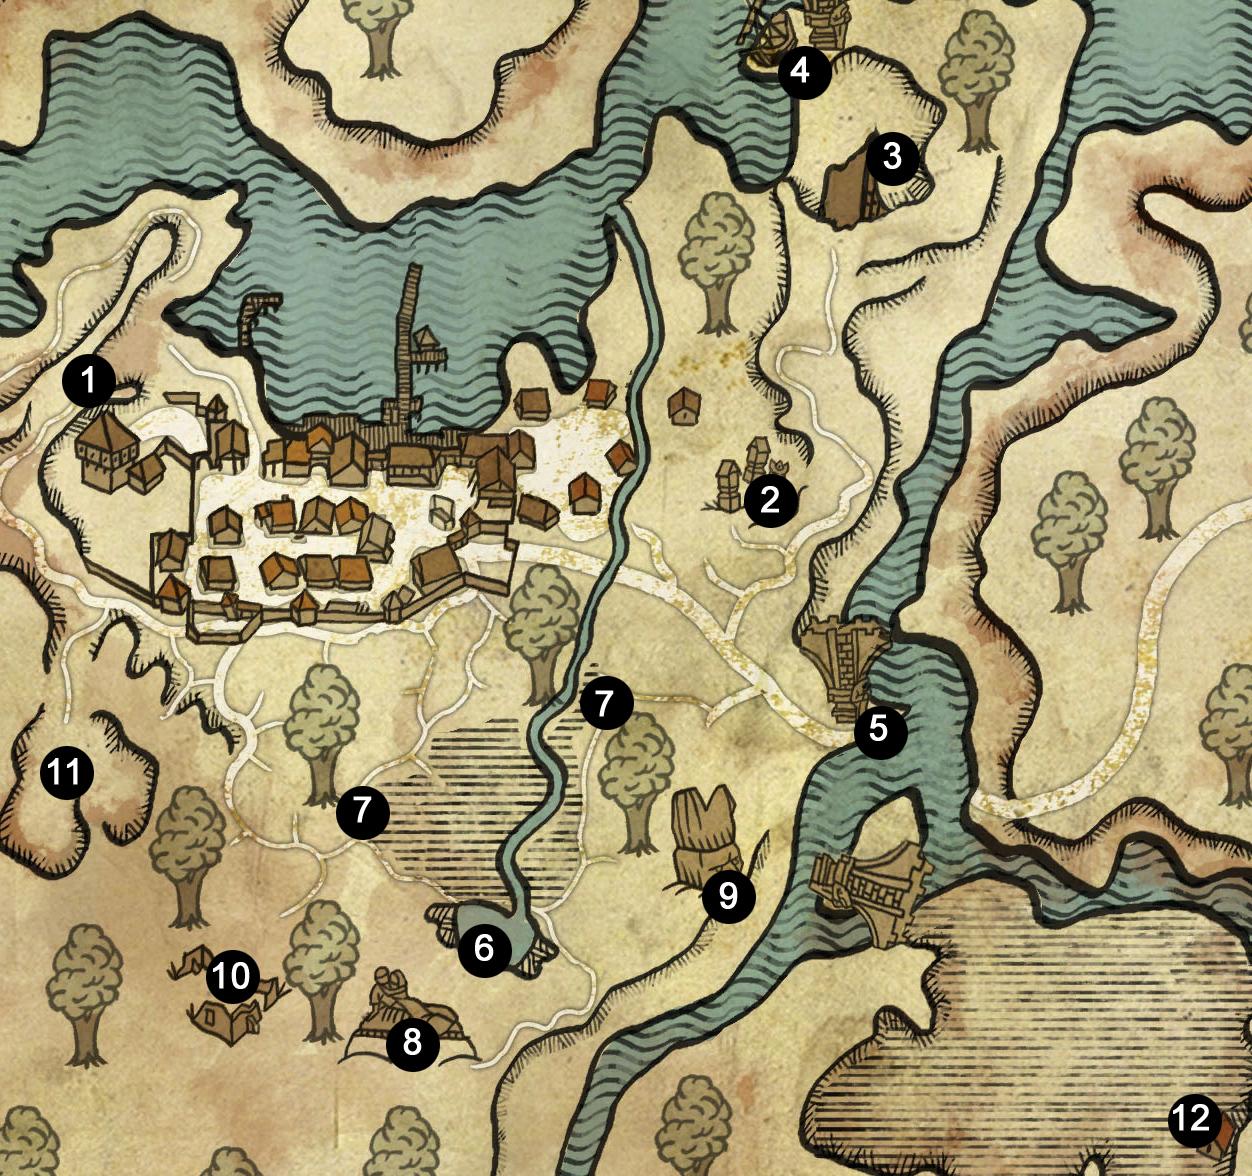 Terre selvagge di Flotsam